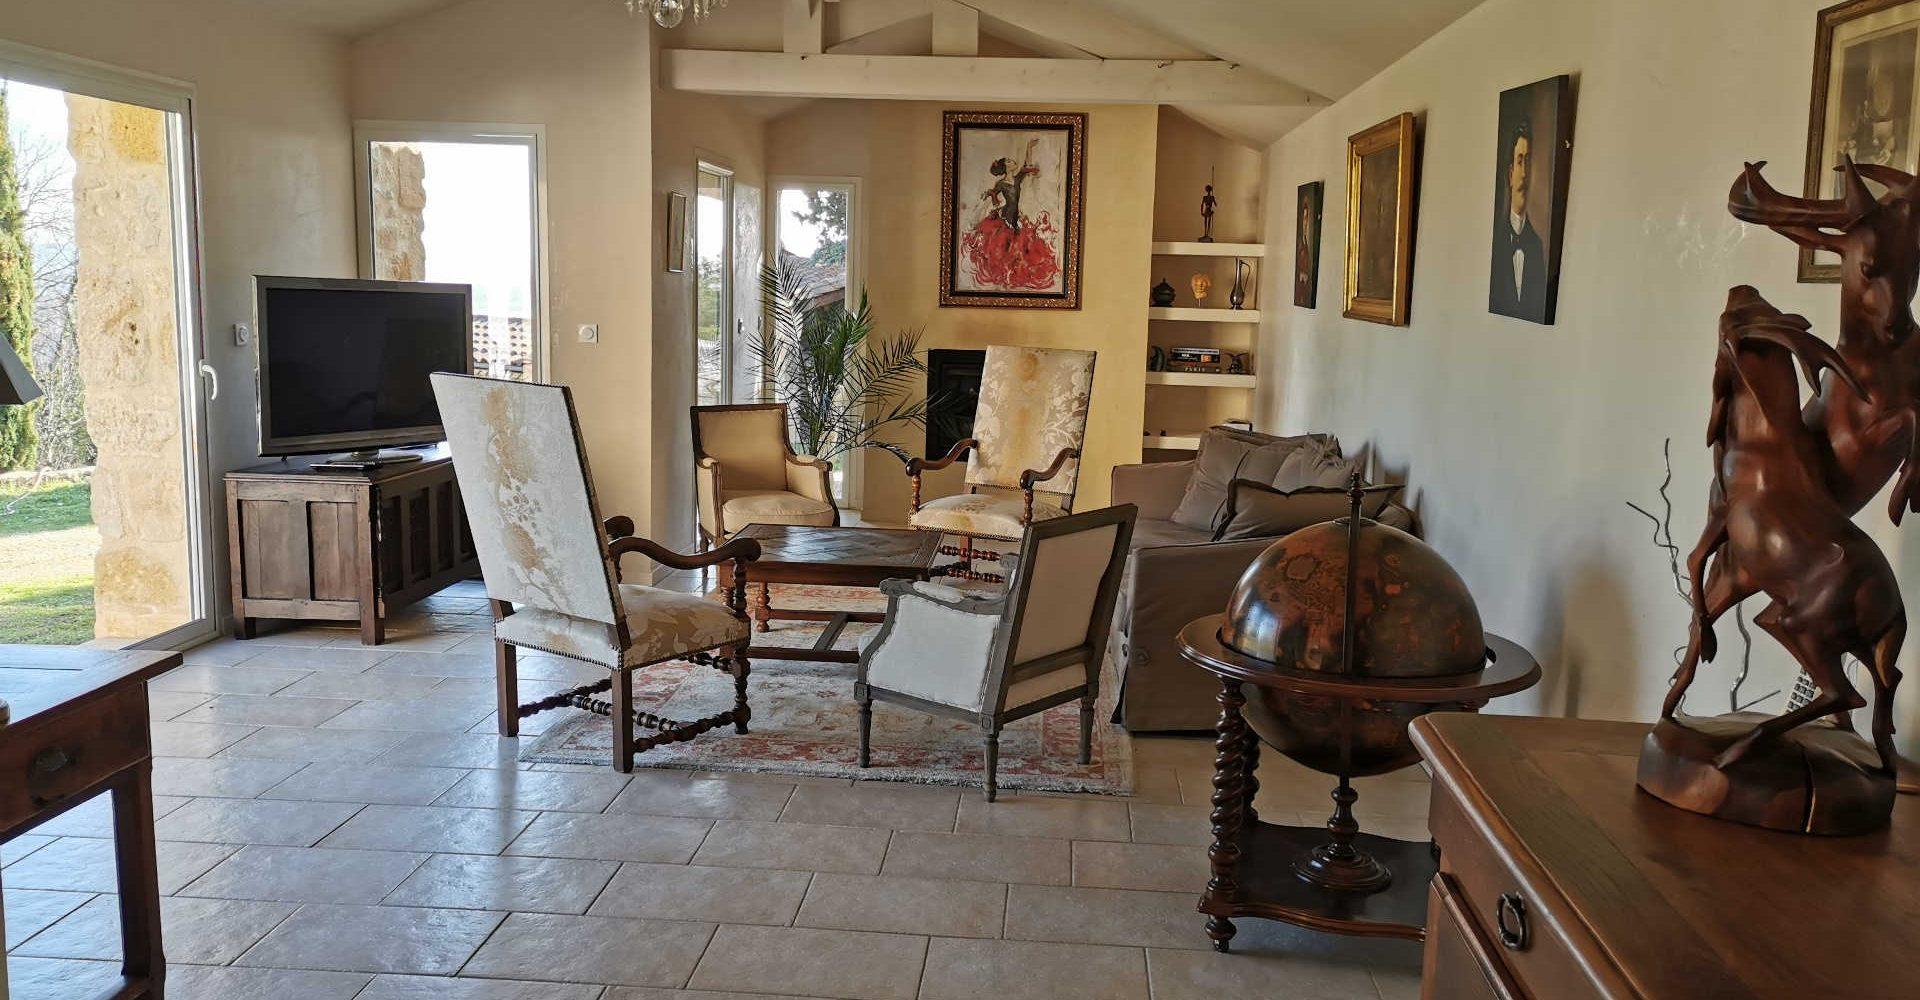 Au_Clos_de_Mathilde_Chambre_d_hotes_Sarlat_Piscine_parties_communes_salon_terrasse